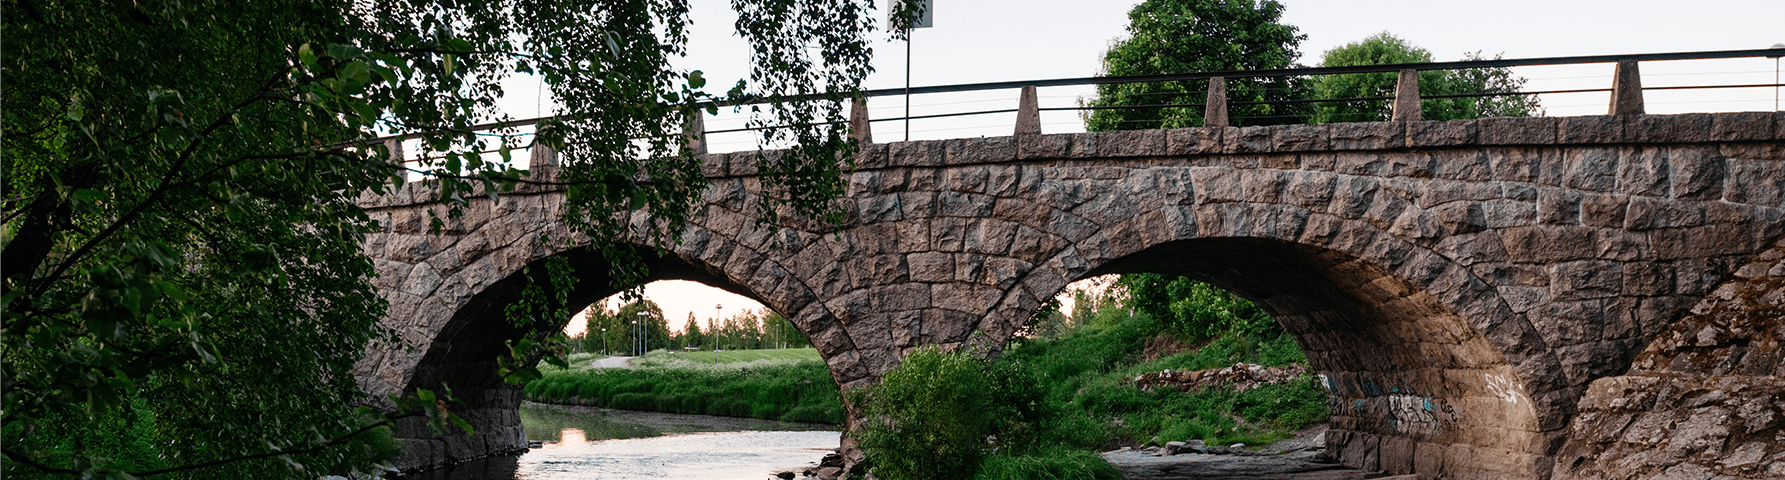 Old bridge. Vanha silta.